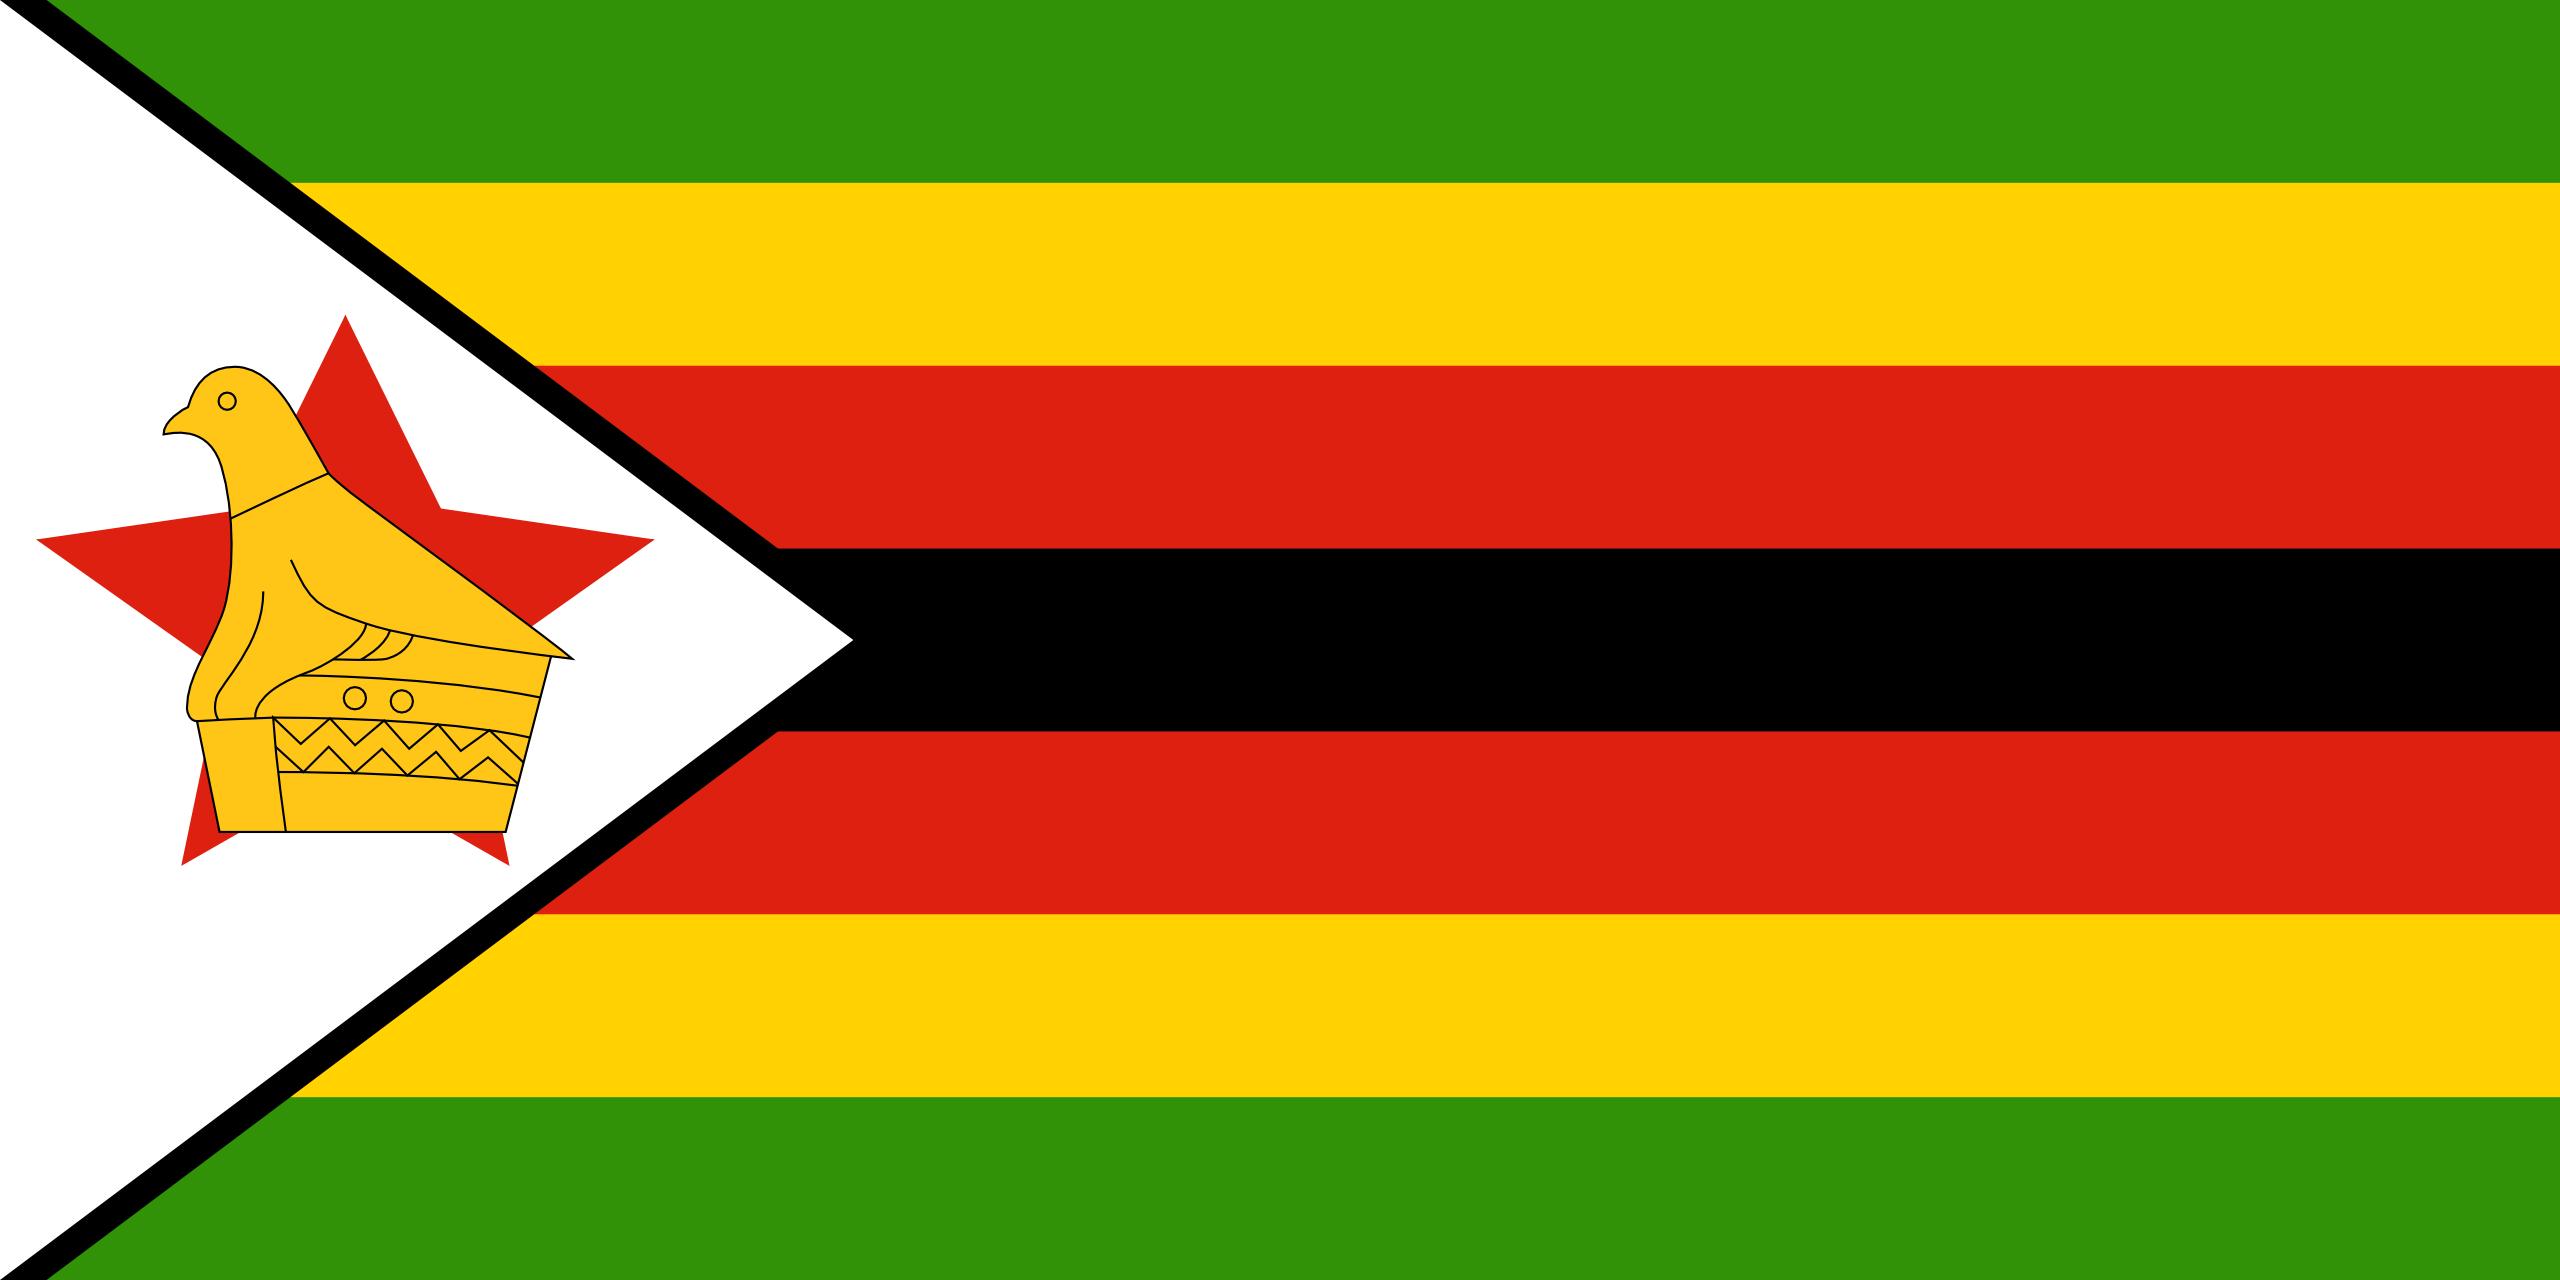 Zimbabwe, paese, emblema, logo, simbolo - Sfondi HD - Professor-falken.com